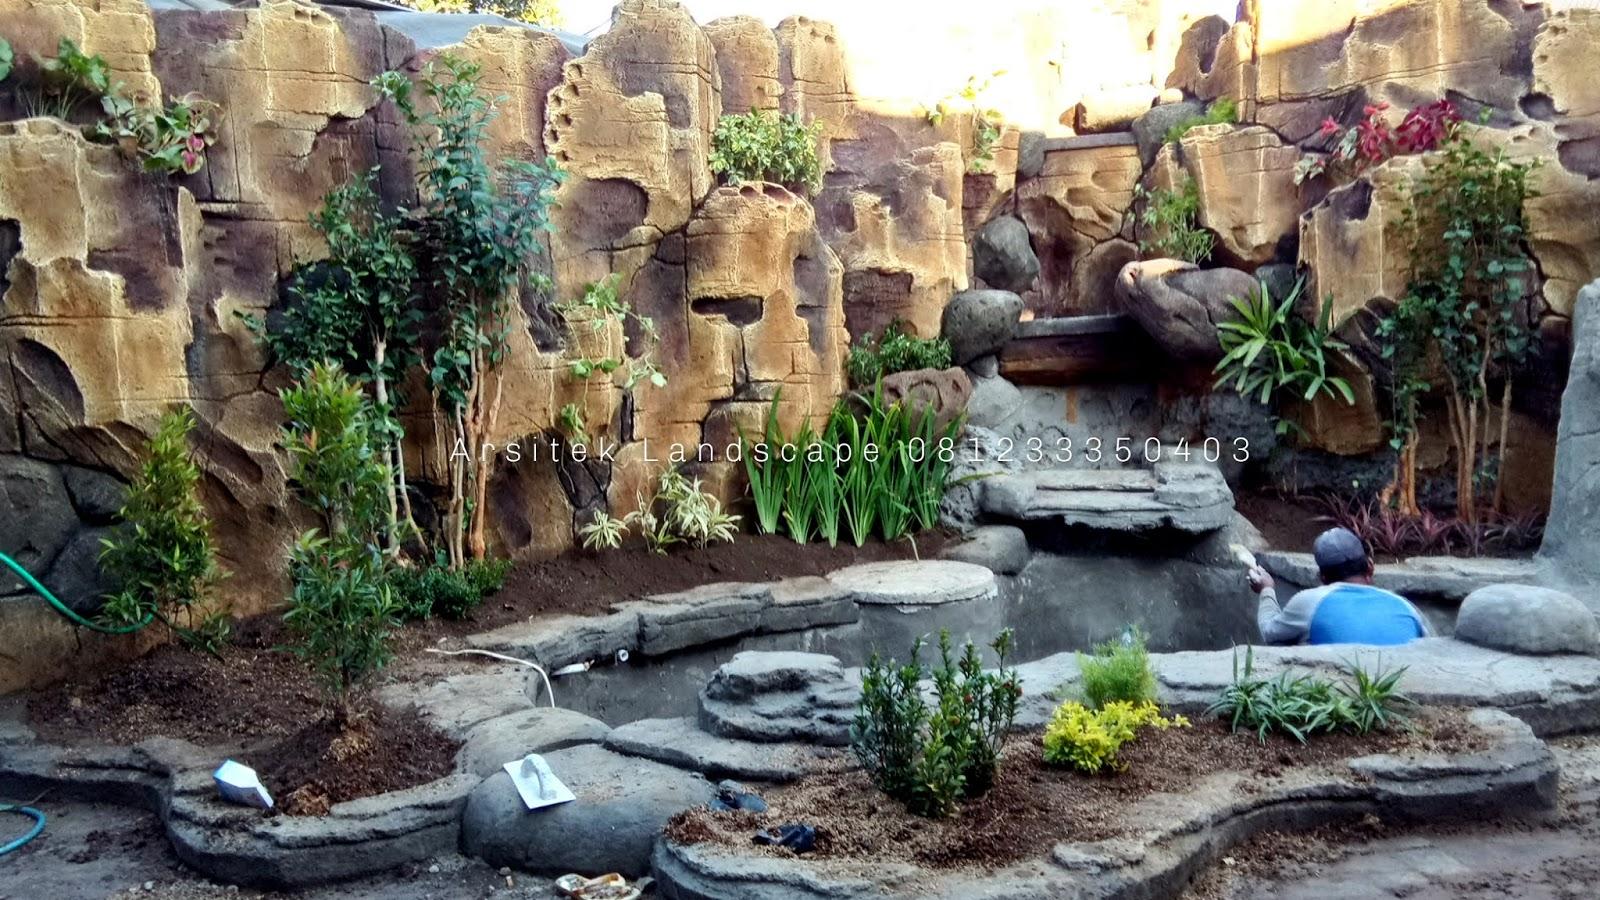 Jasa Pembuatan Lanskap Kolam Relief Dekorasi Tebing Air Terjun Dan Air Mancur Di Lamongan Jasa Pembuatan Taman